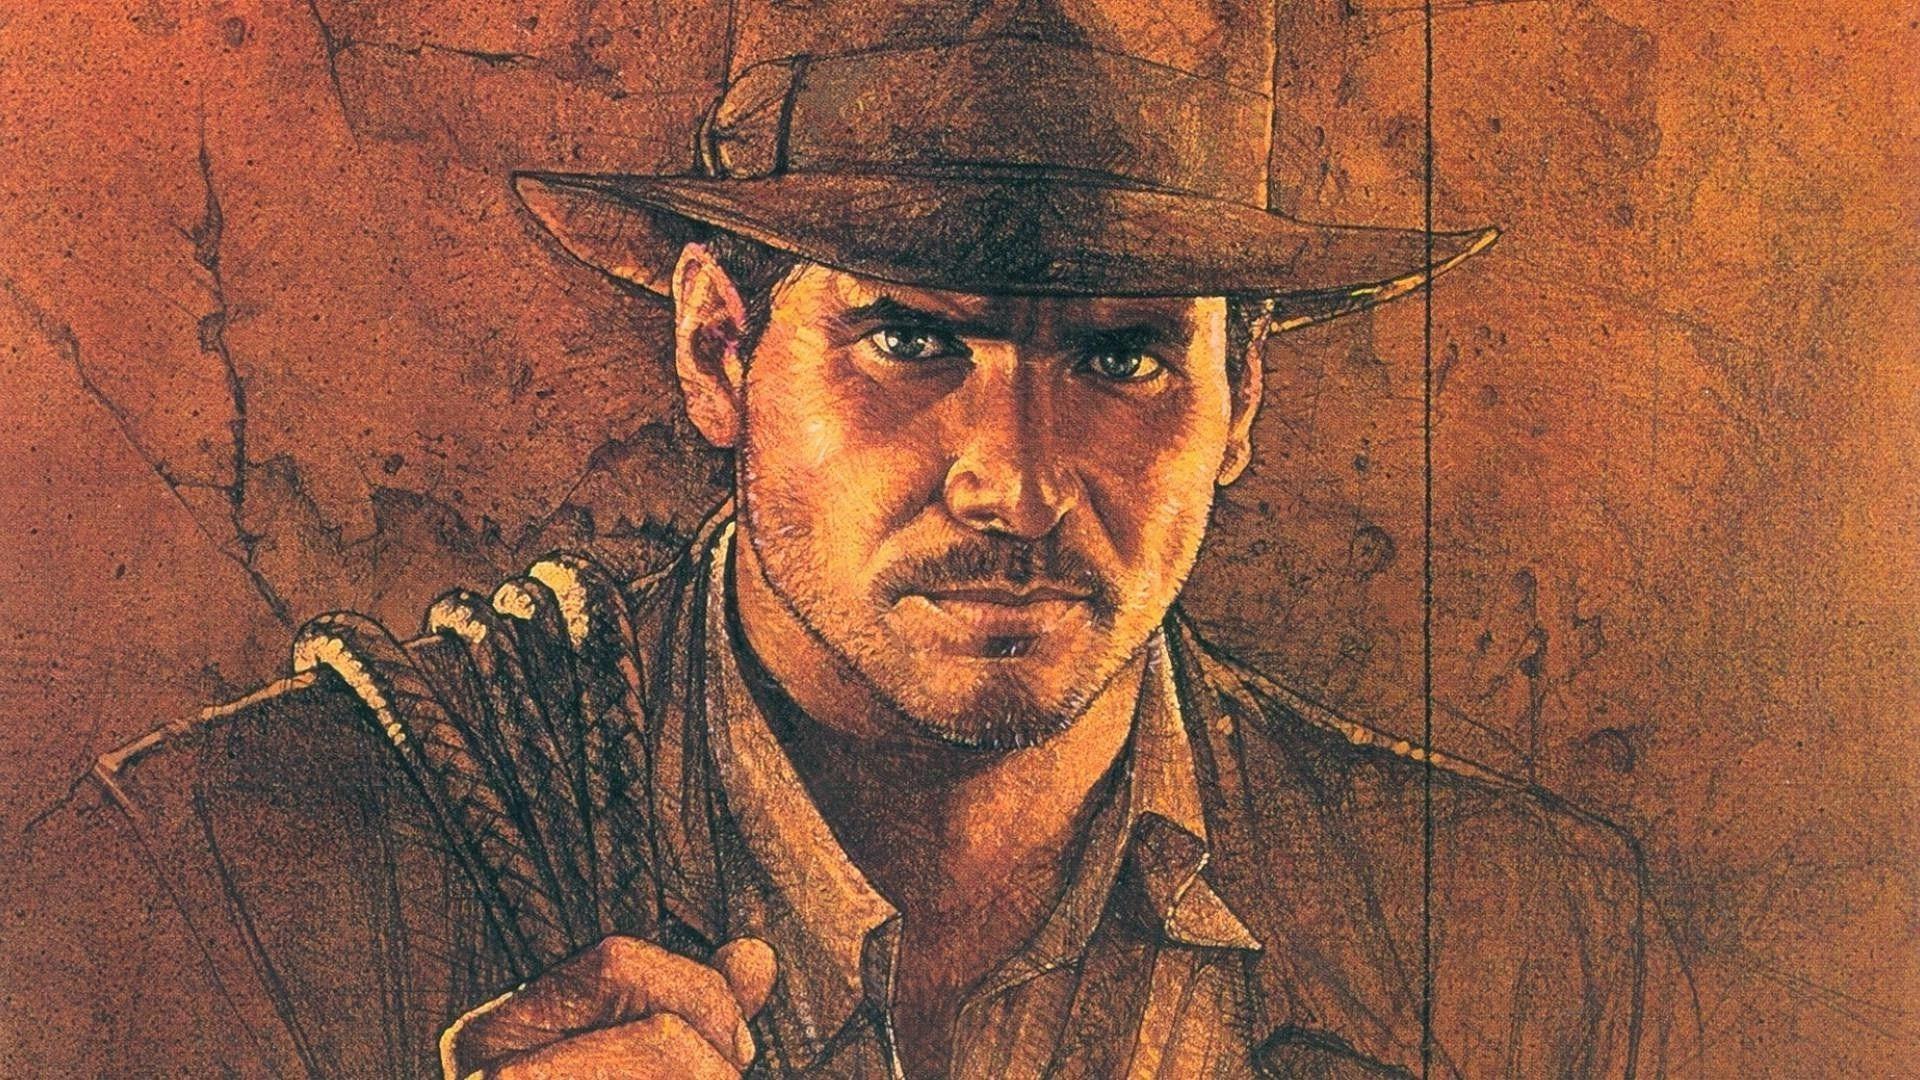 Disney afirma que Indiana Jones 5 não será o último filme da franquia